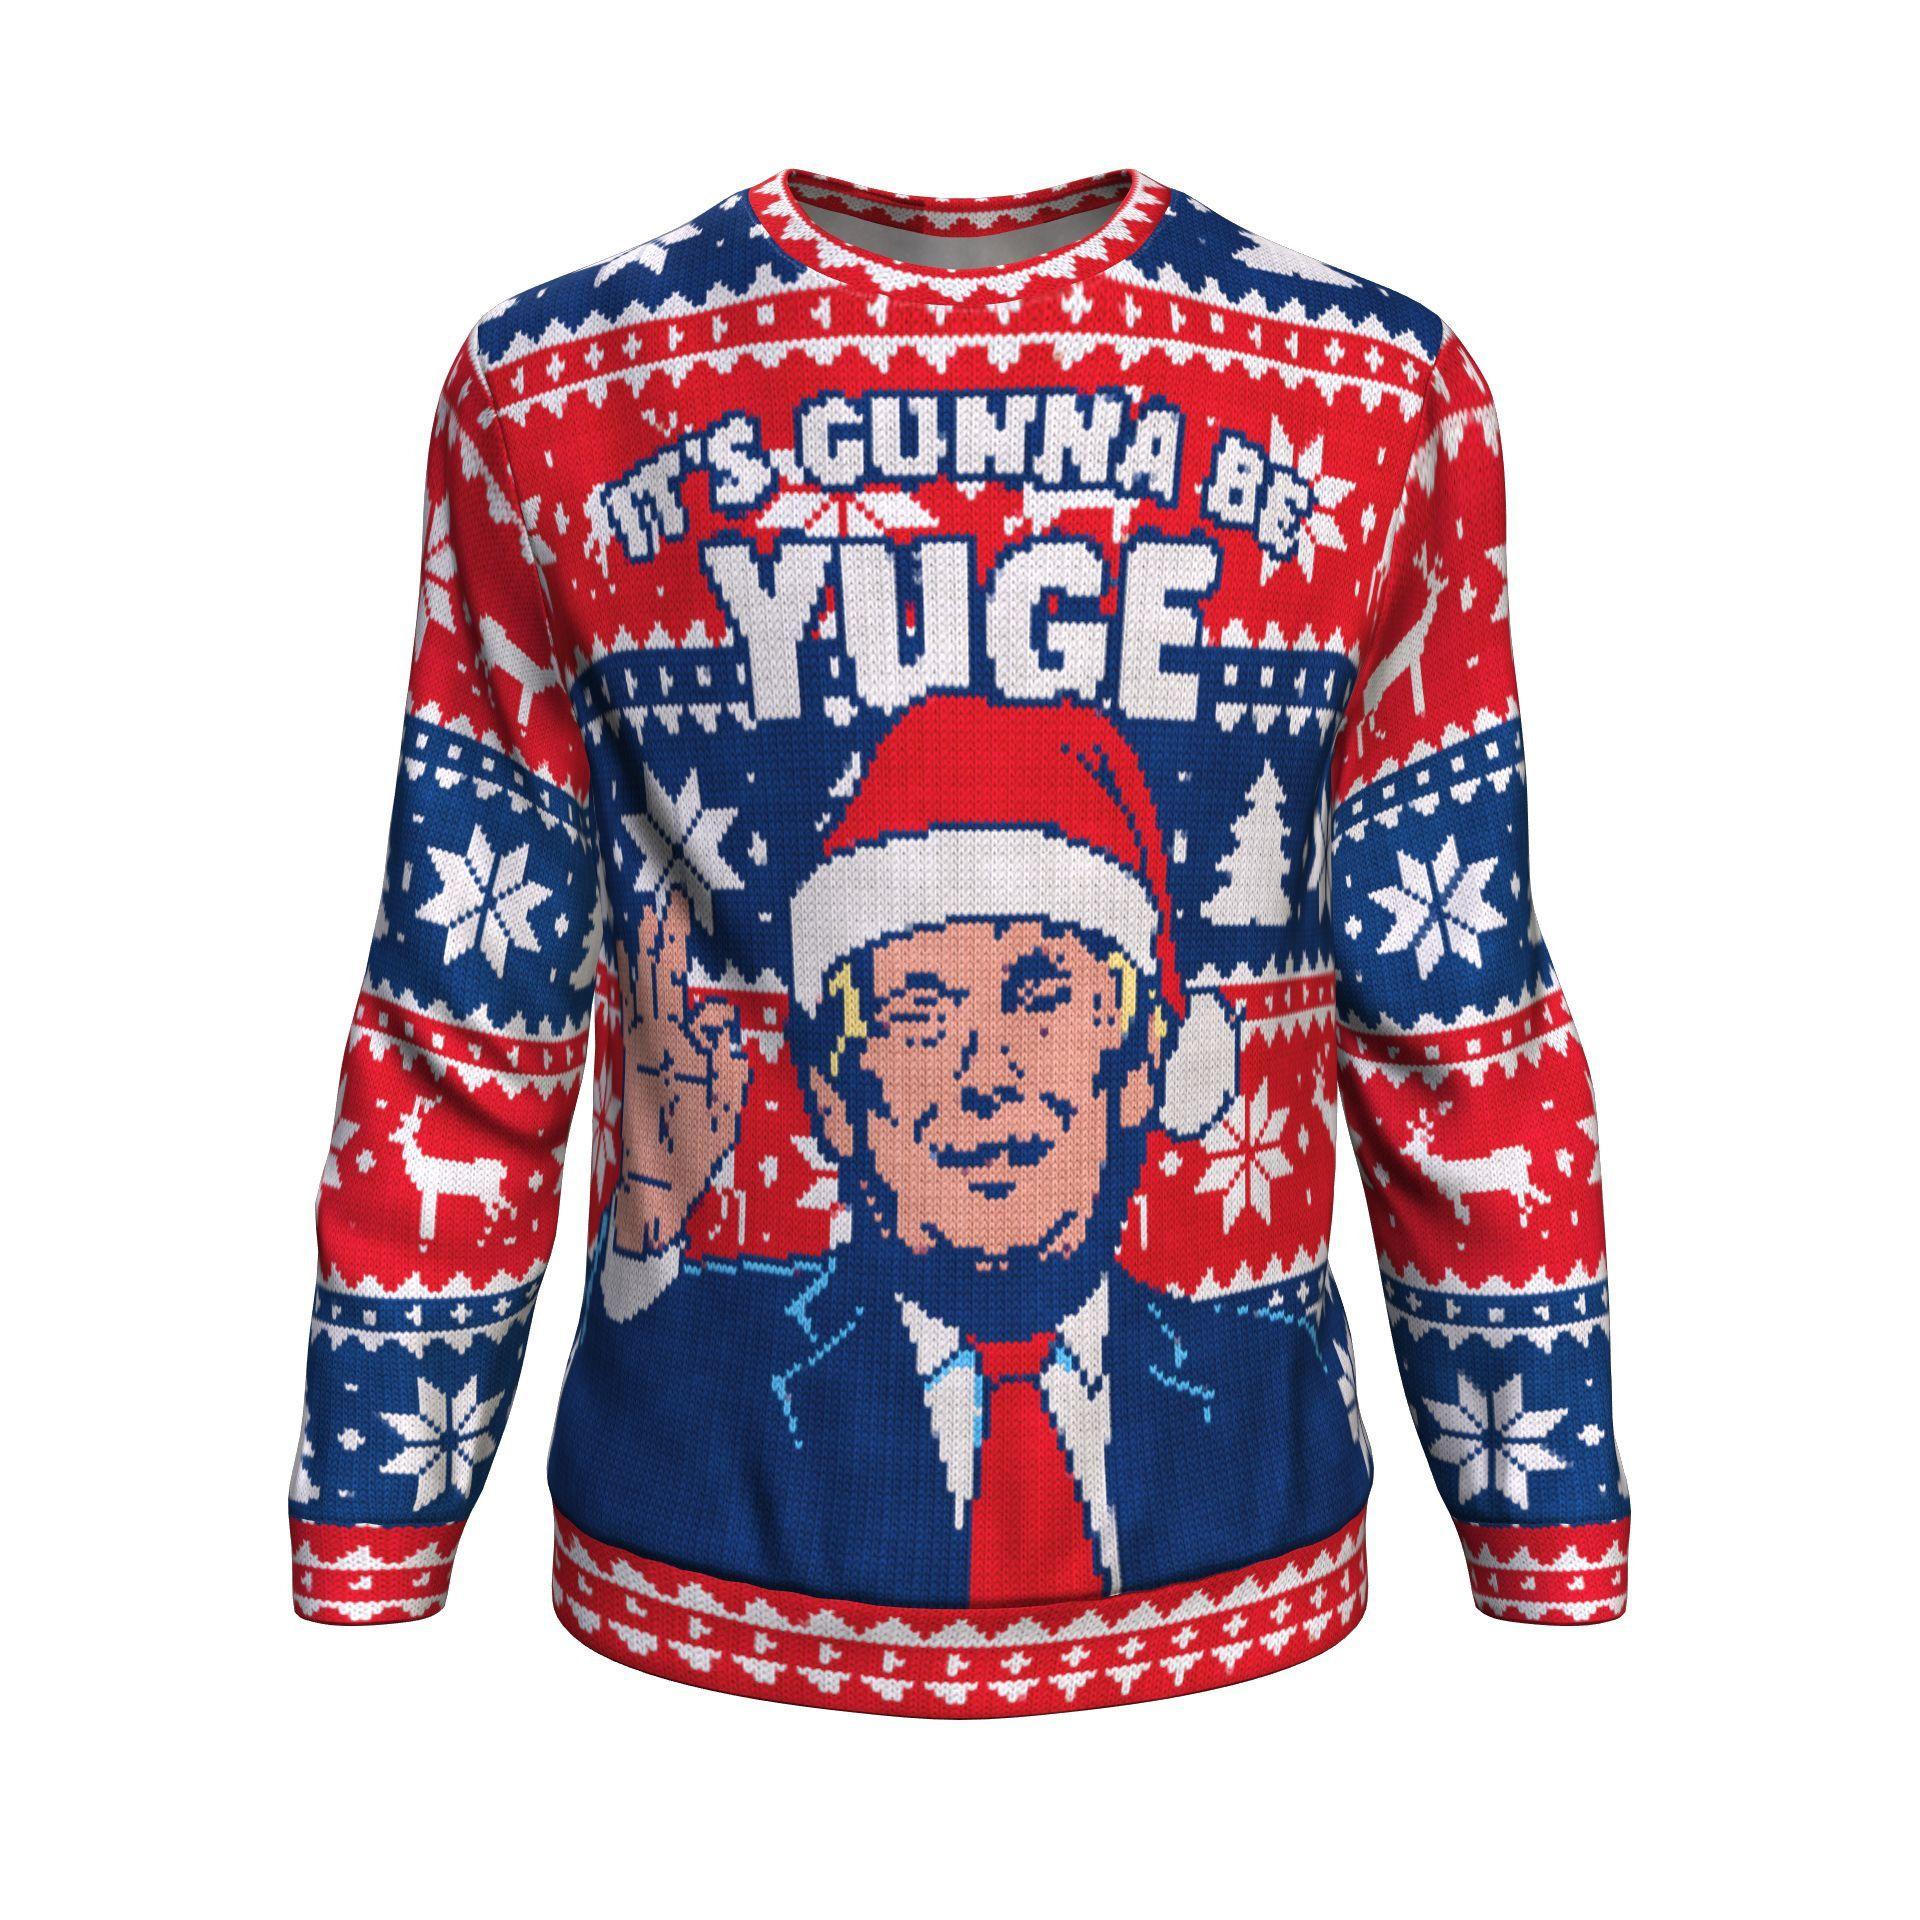 Christmas Trump Shirt.Pin On Christmas Sweaters